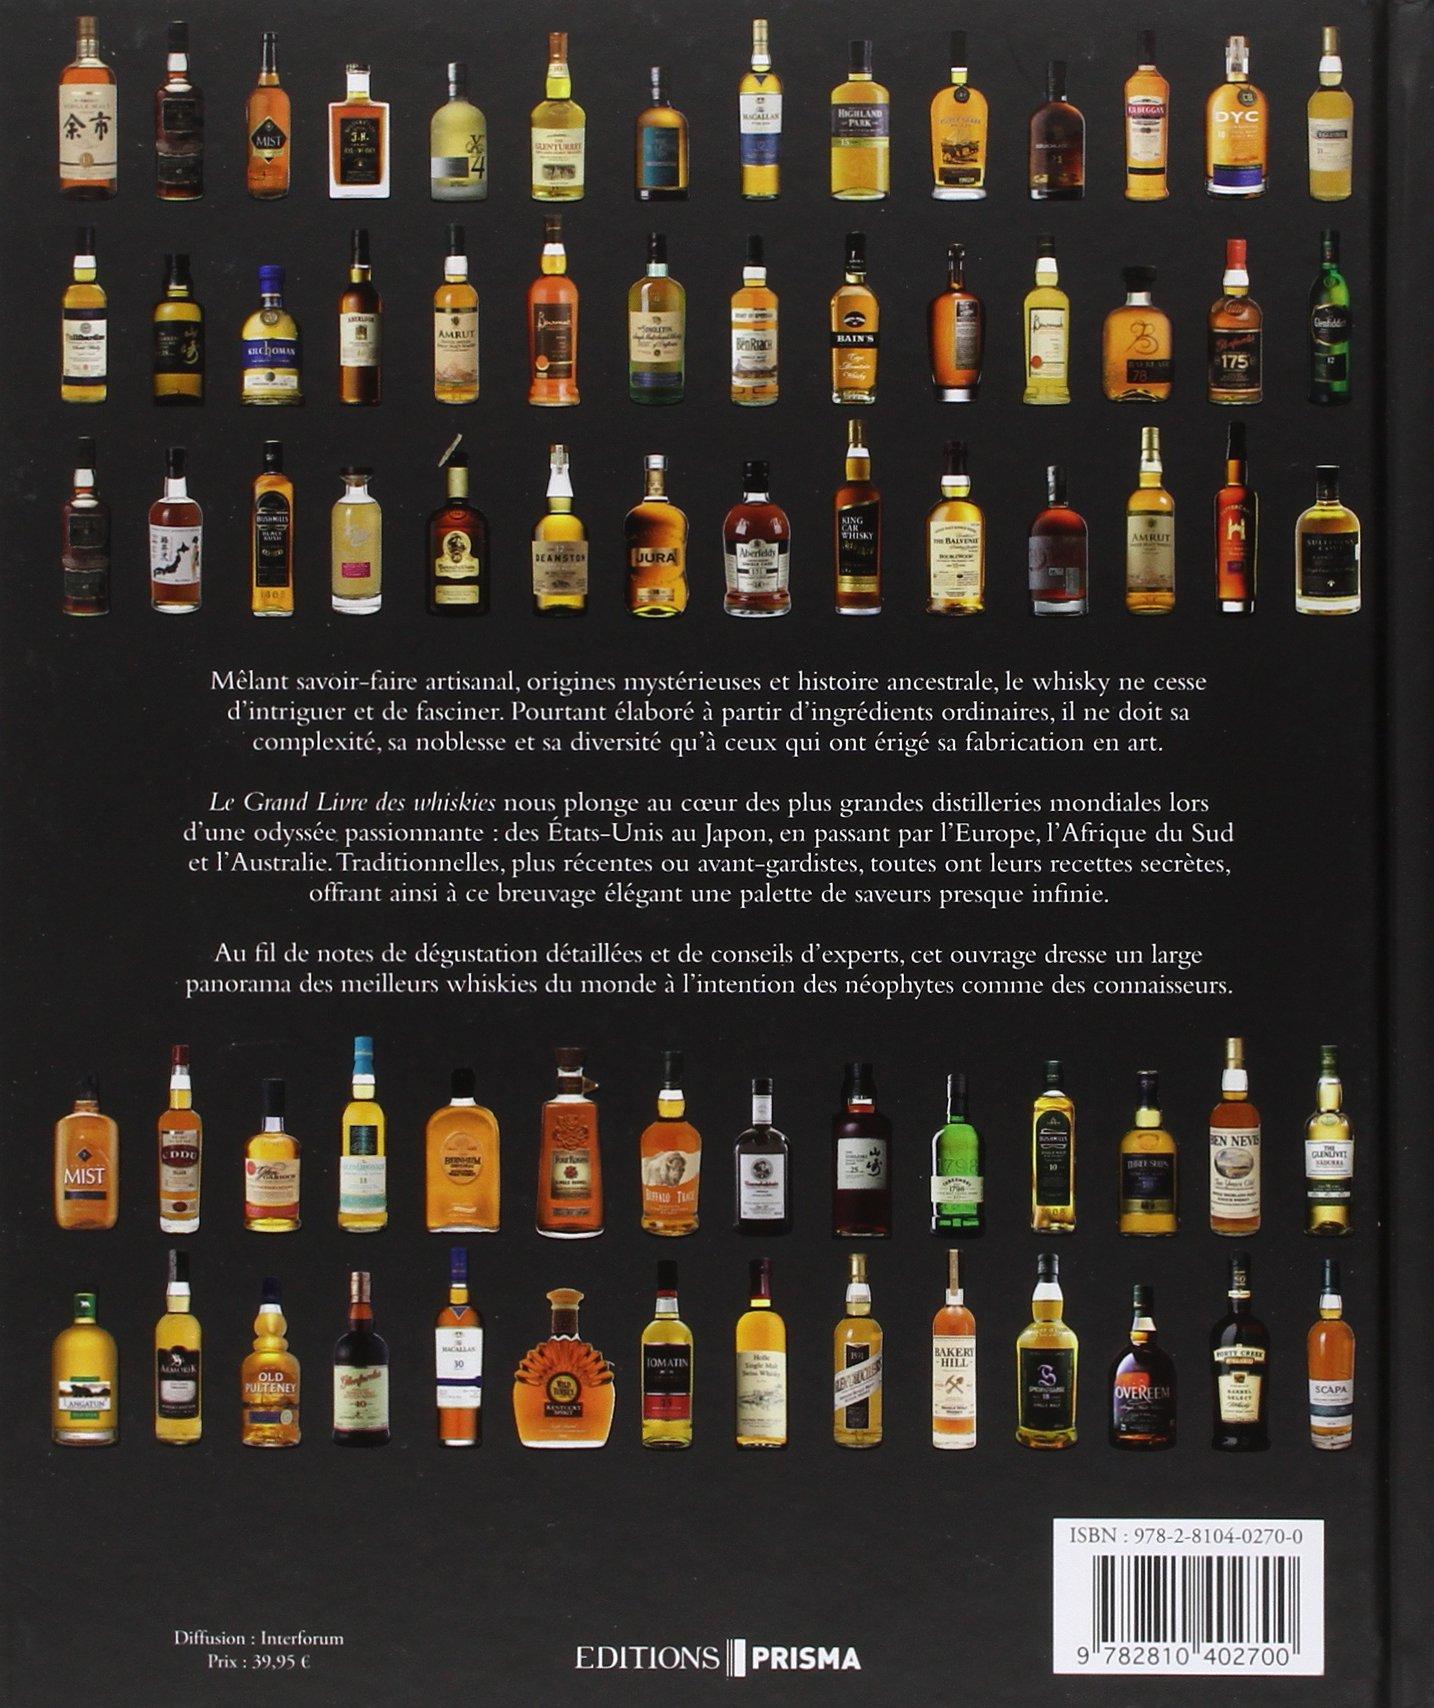 Le Grand Livre Des Whiskies Gavin D Smith Dominic Roskrow